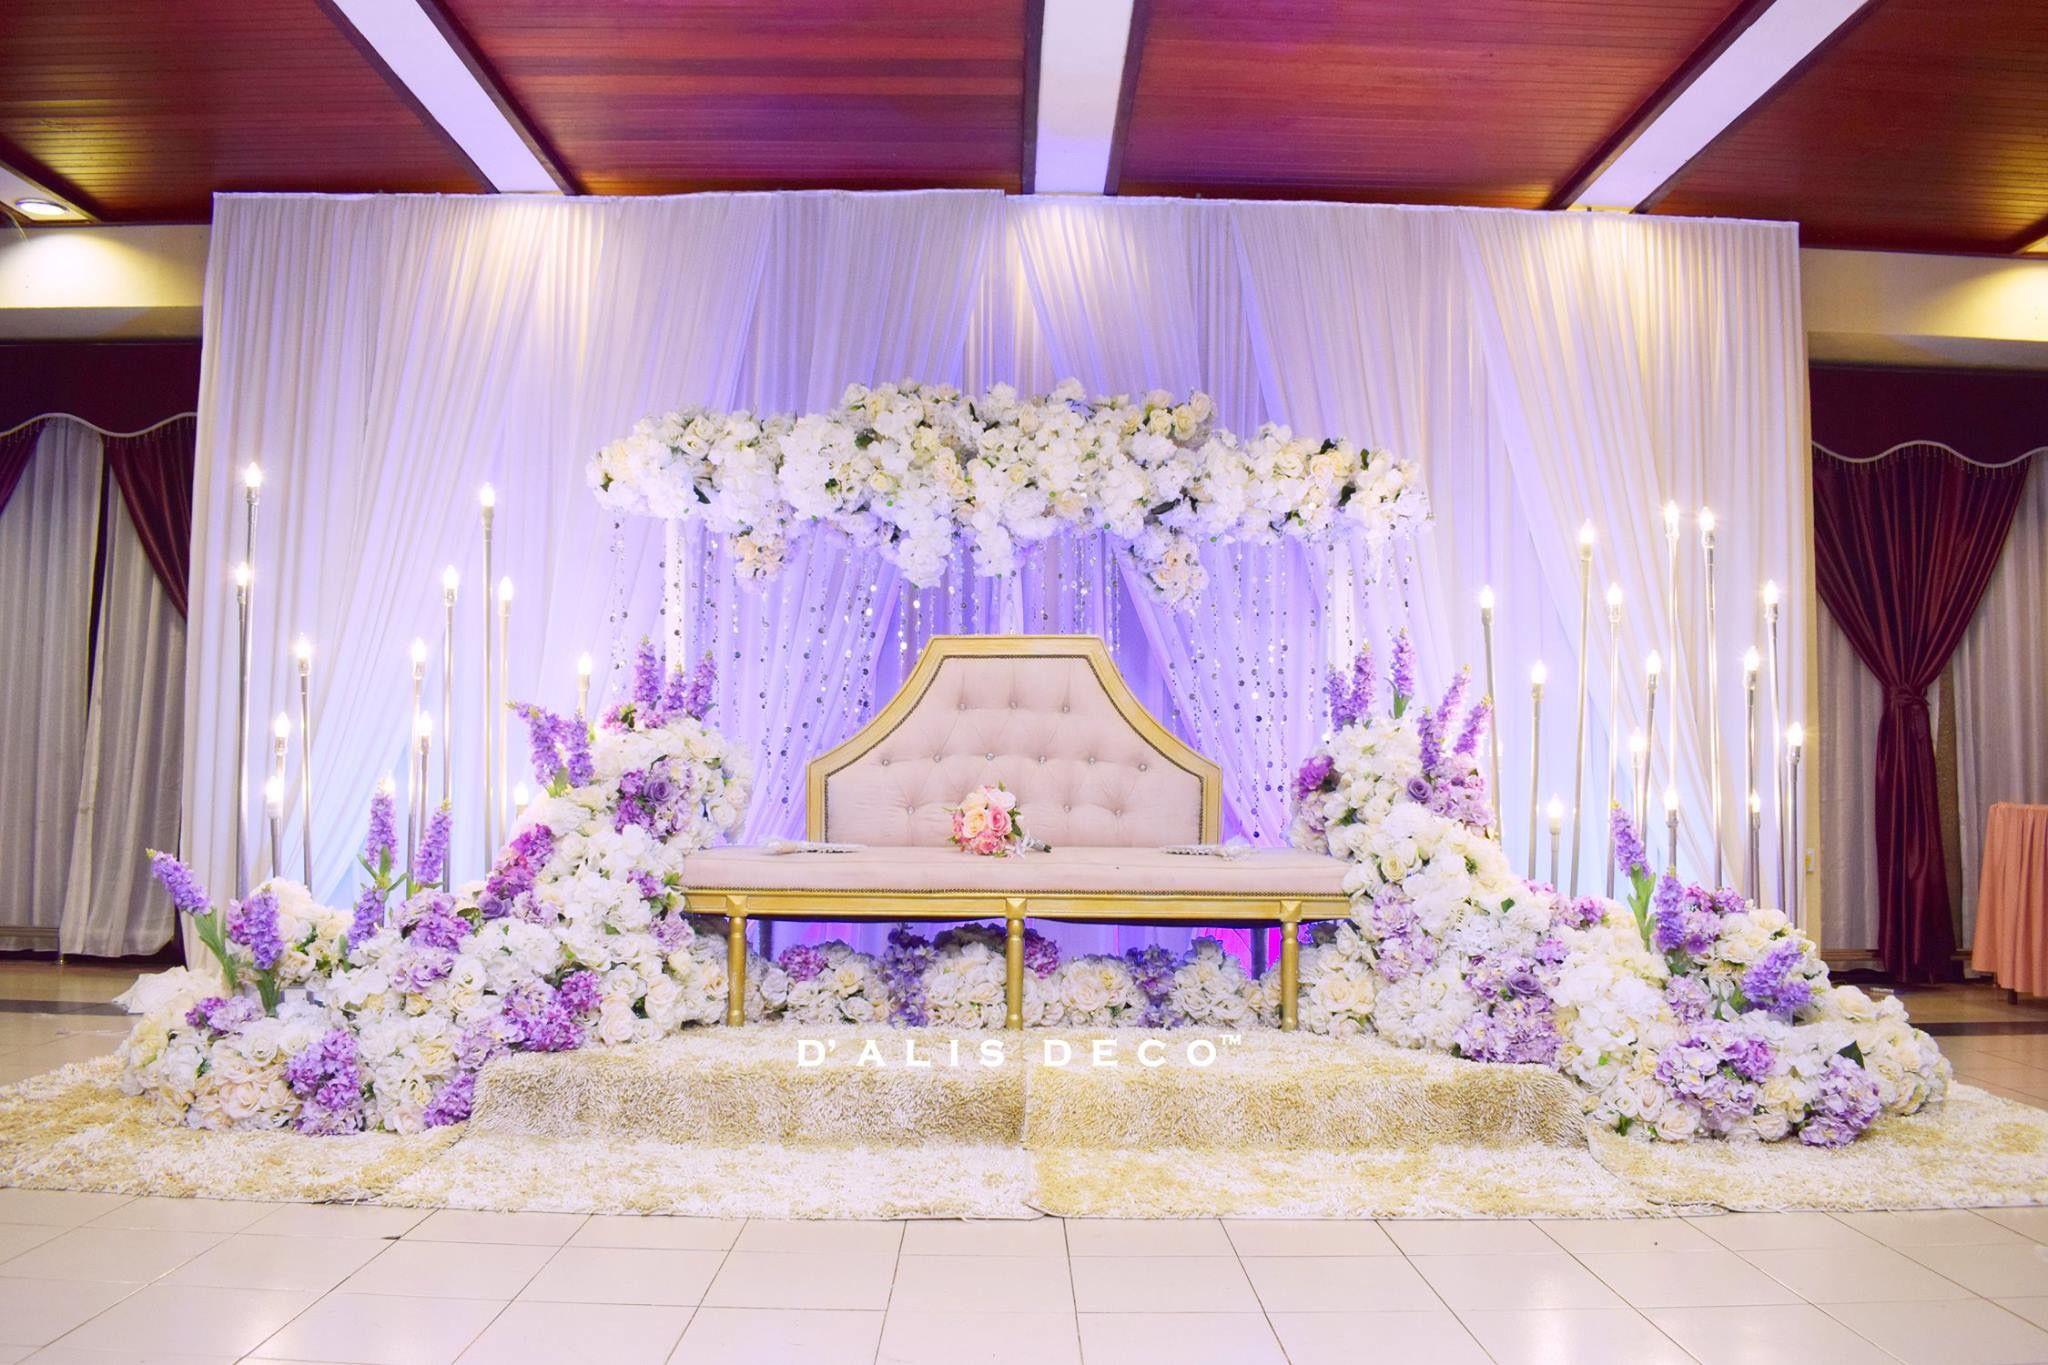 012 3550657 Alis Fb D Alis Deco Weddings Insta Dalisdeco Photographer Camreman Pelamin Sanding Murah Dan Wedding Decor Elegant Wedding Deco Wedding